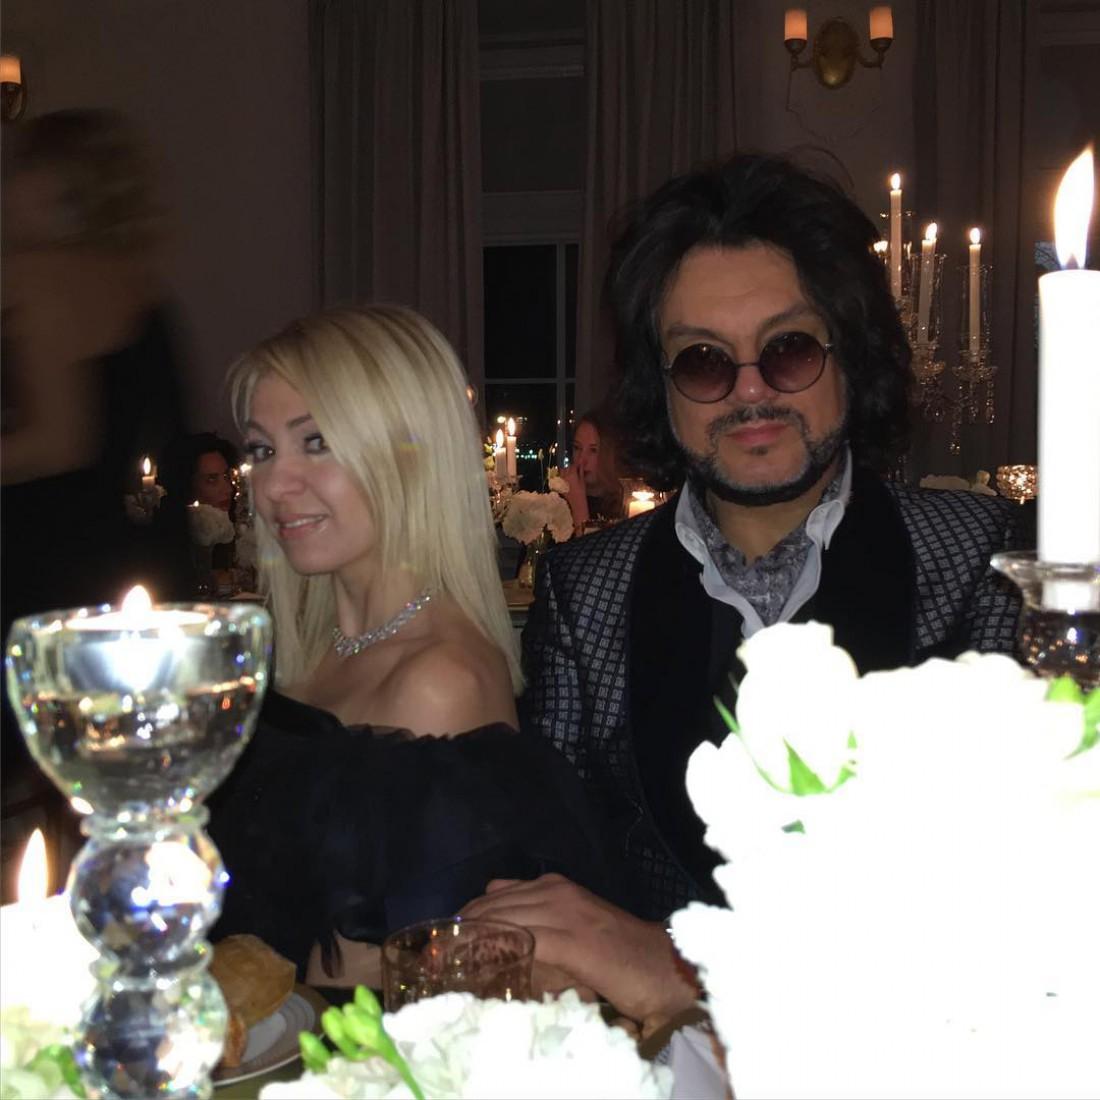 Яна Рудковская с Филиппом крикоровым на званом ужине Николетты